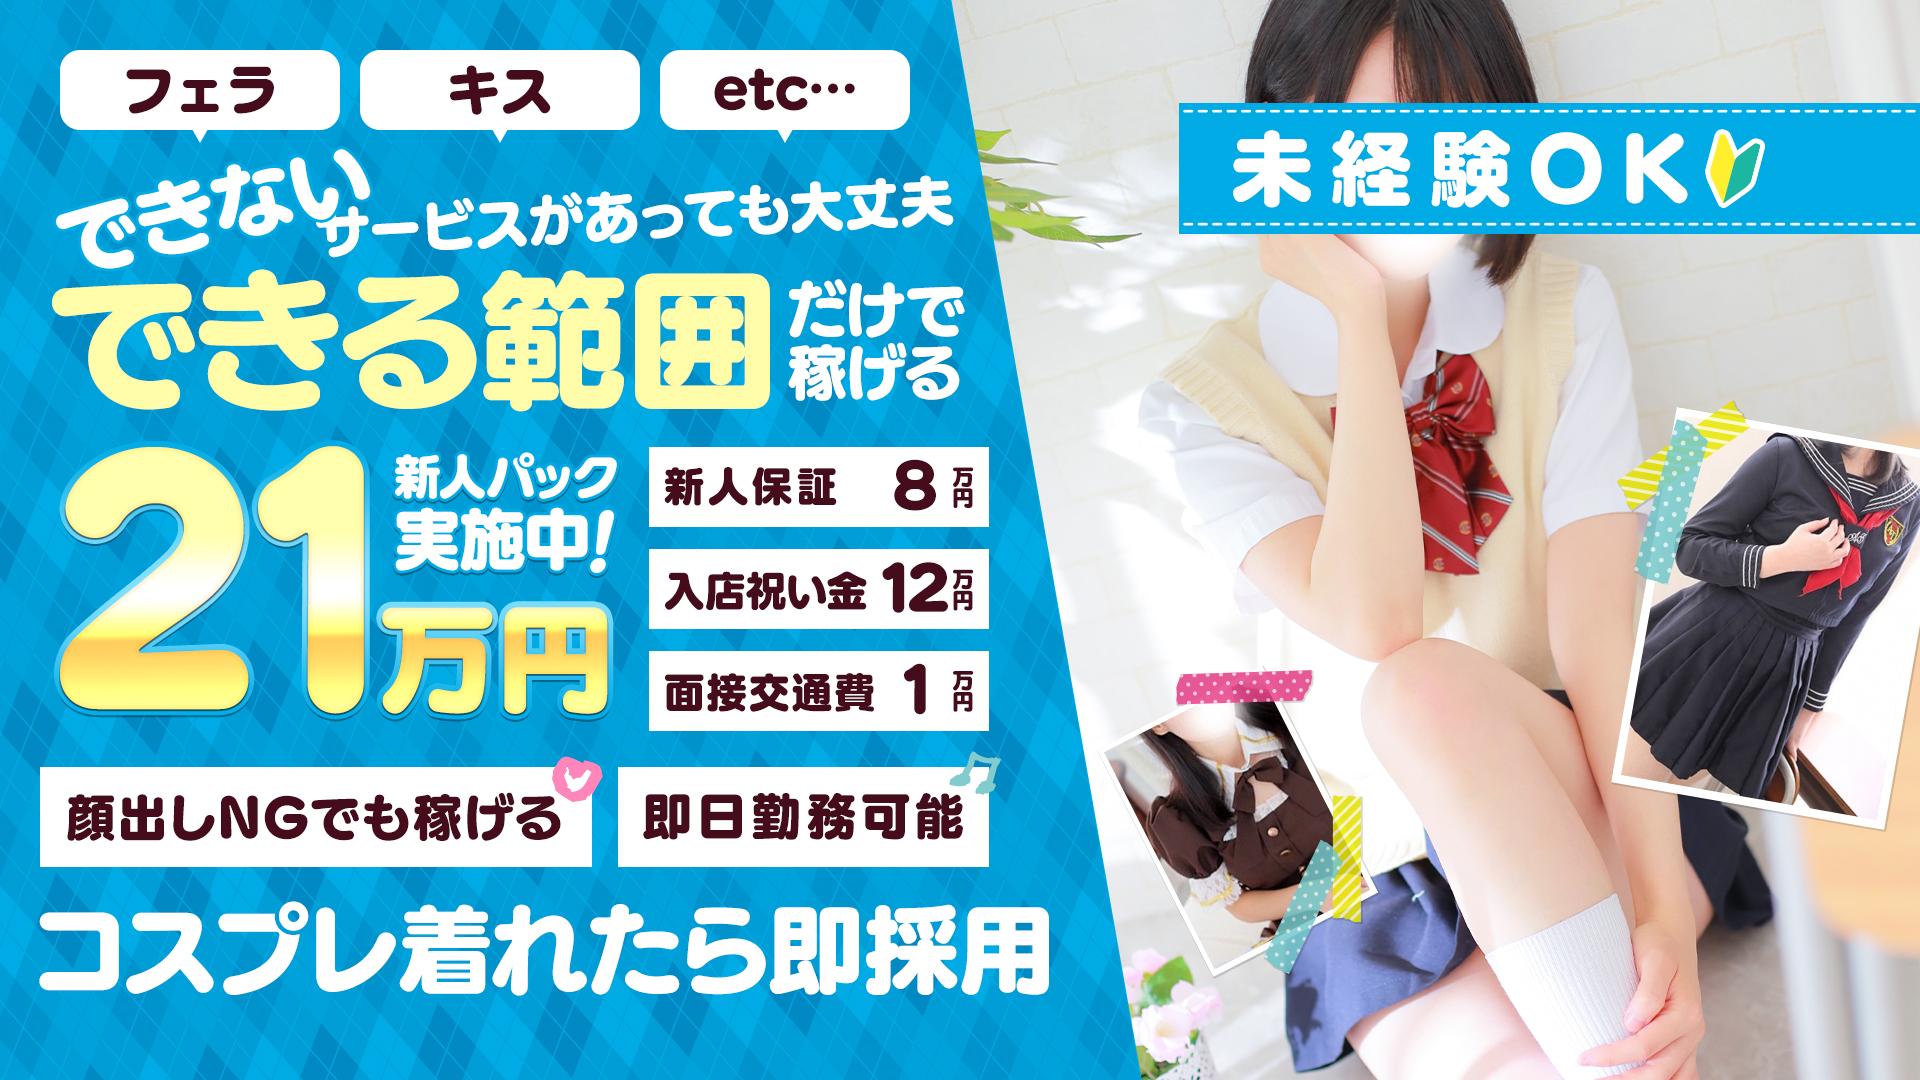 西川口コスプレメイド学園の求人画像